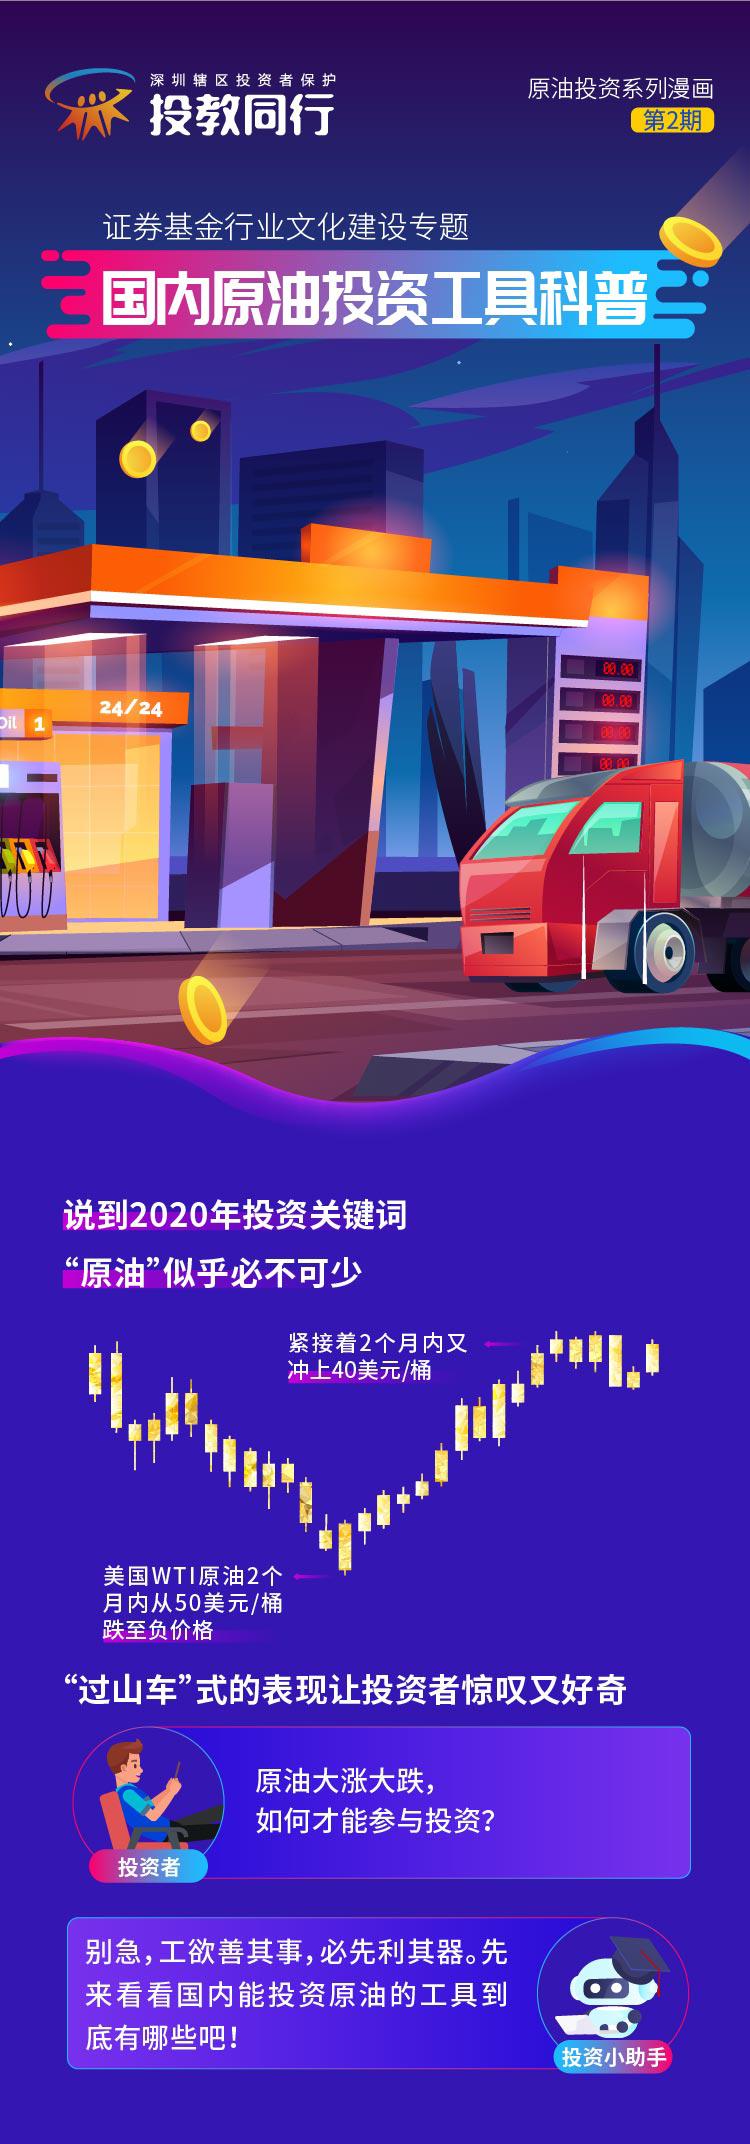 【投教专栏】国内原油投资工具科普